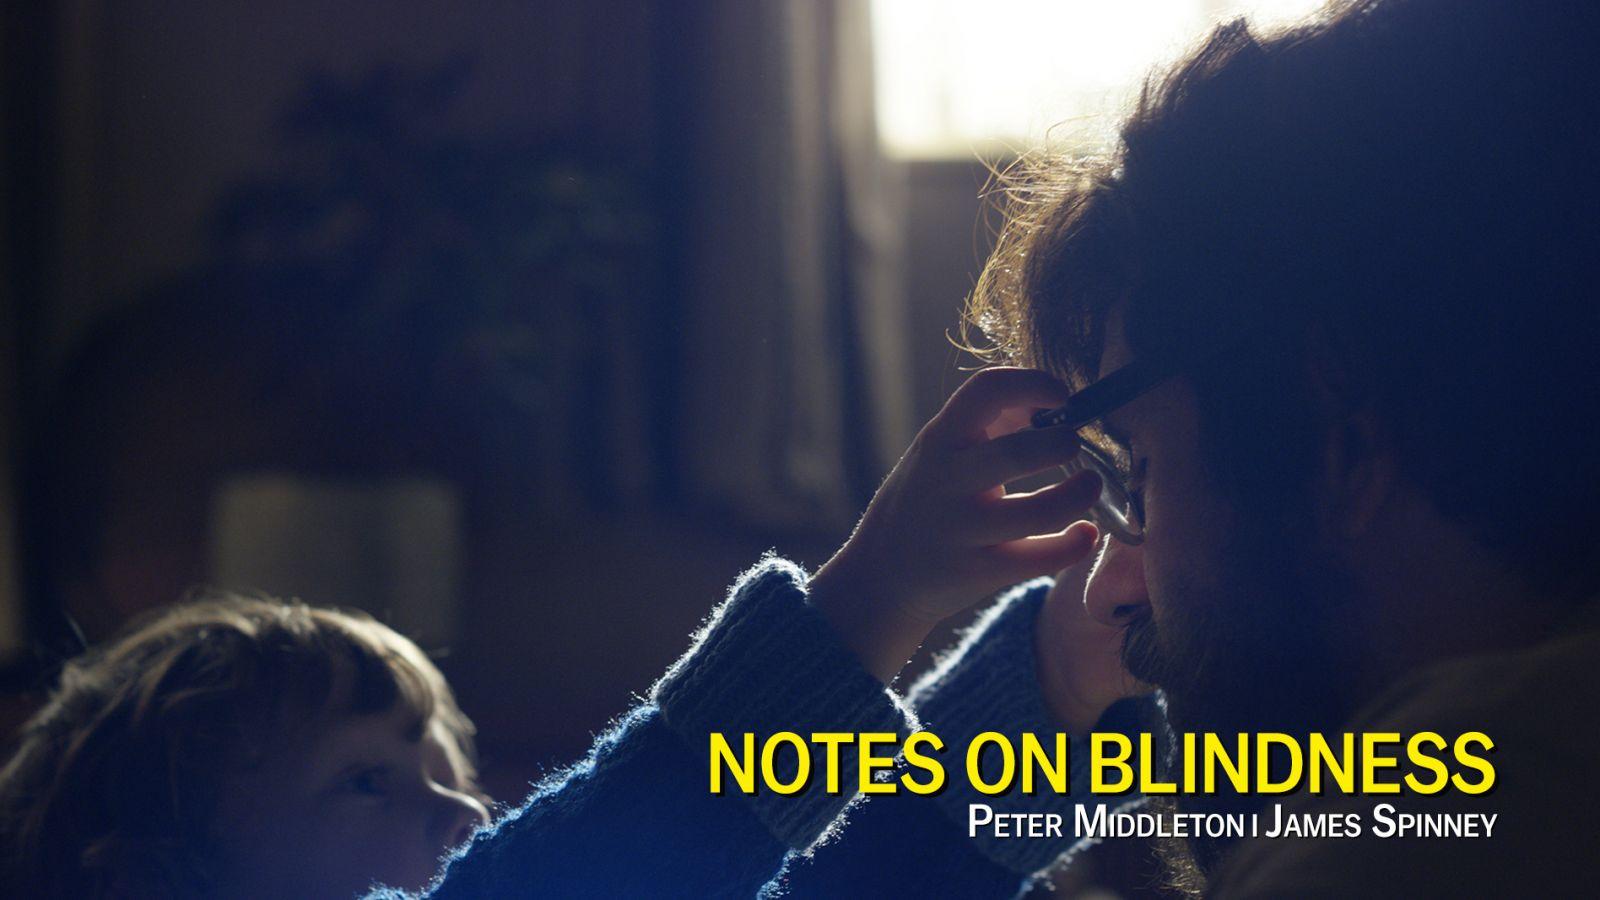 Notes on blindness, Peter Middleton i James Spinney